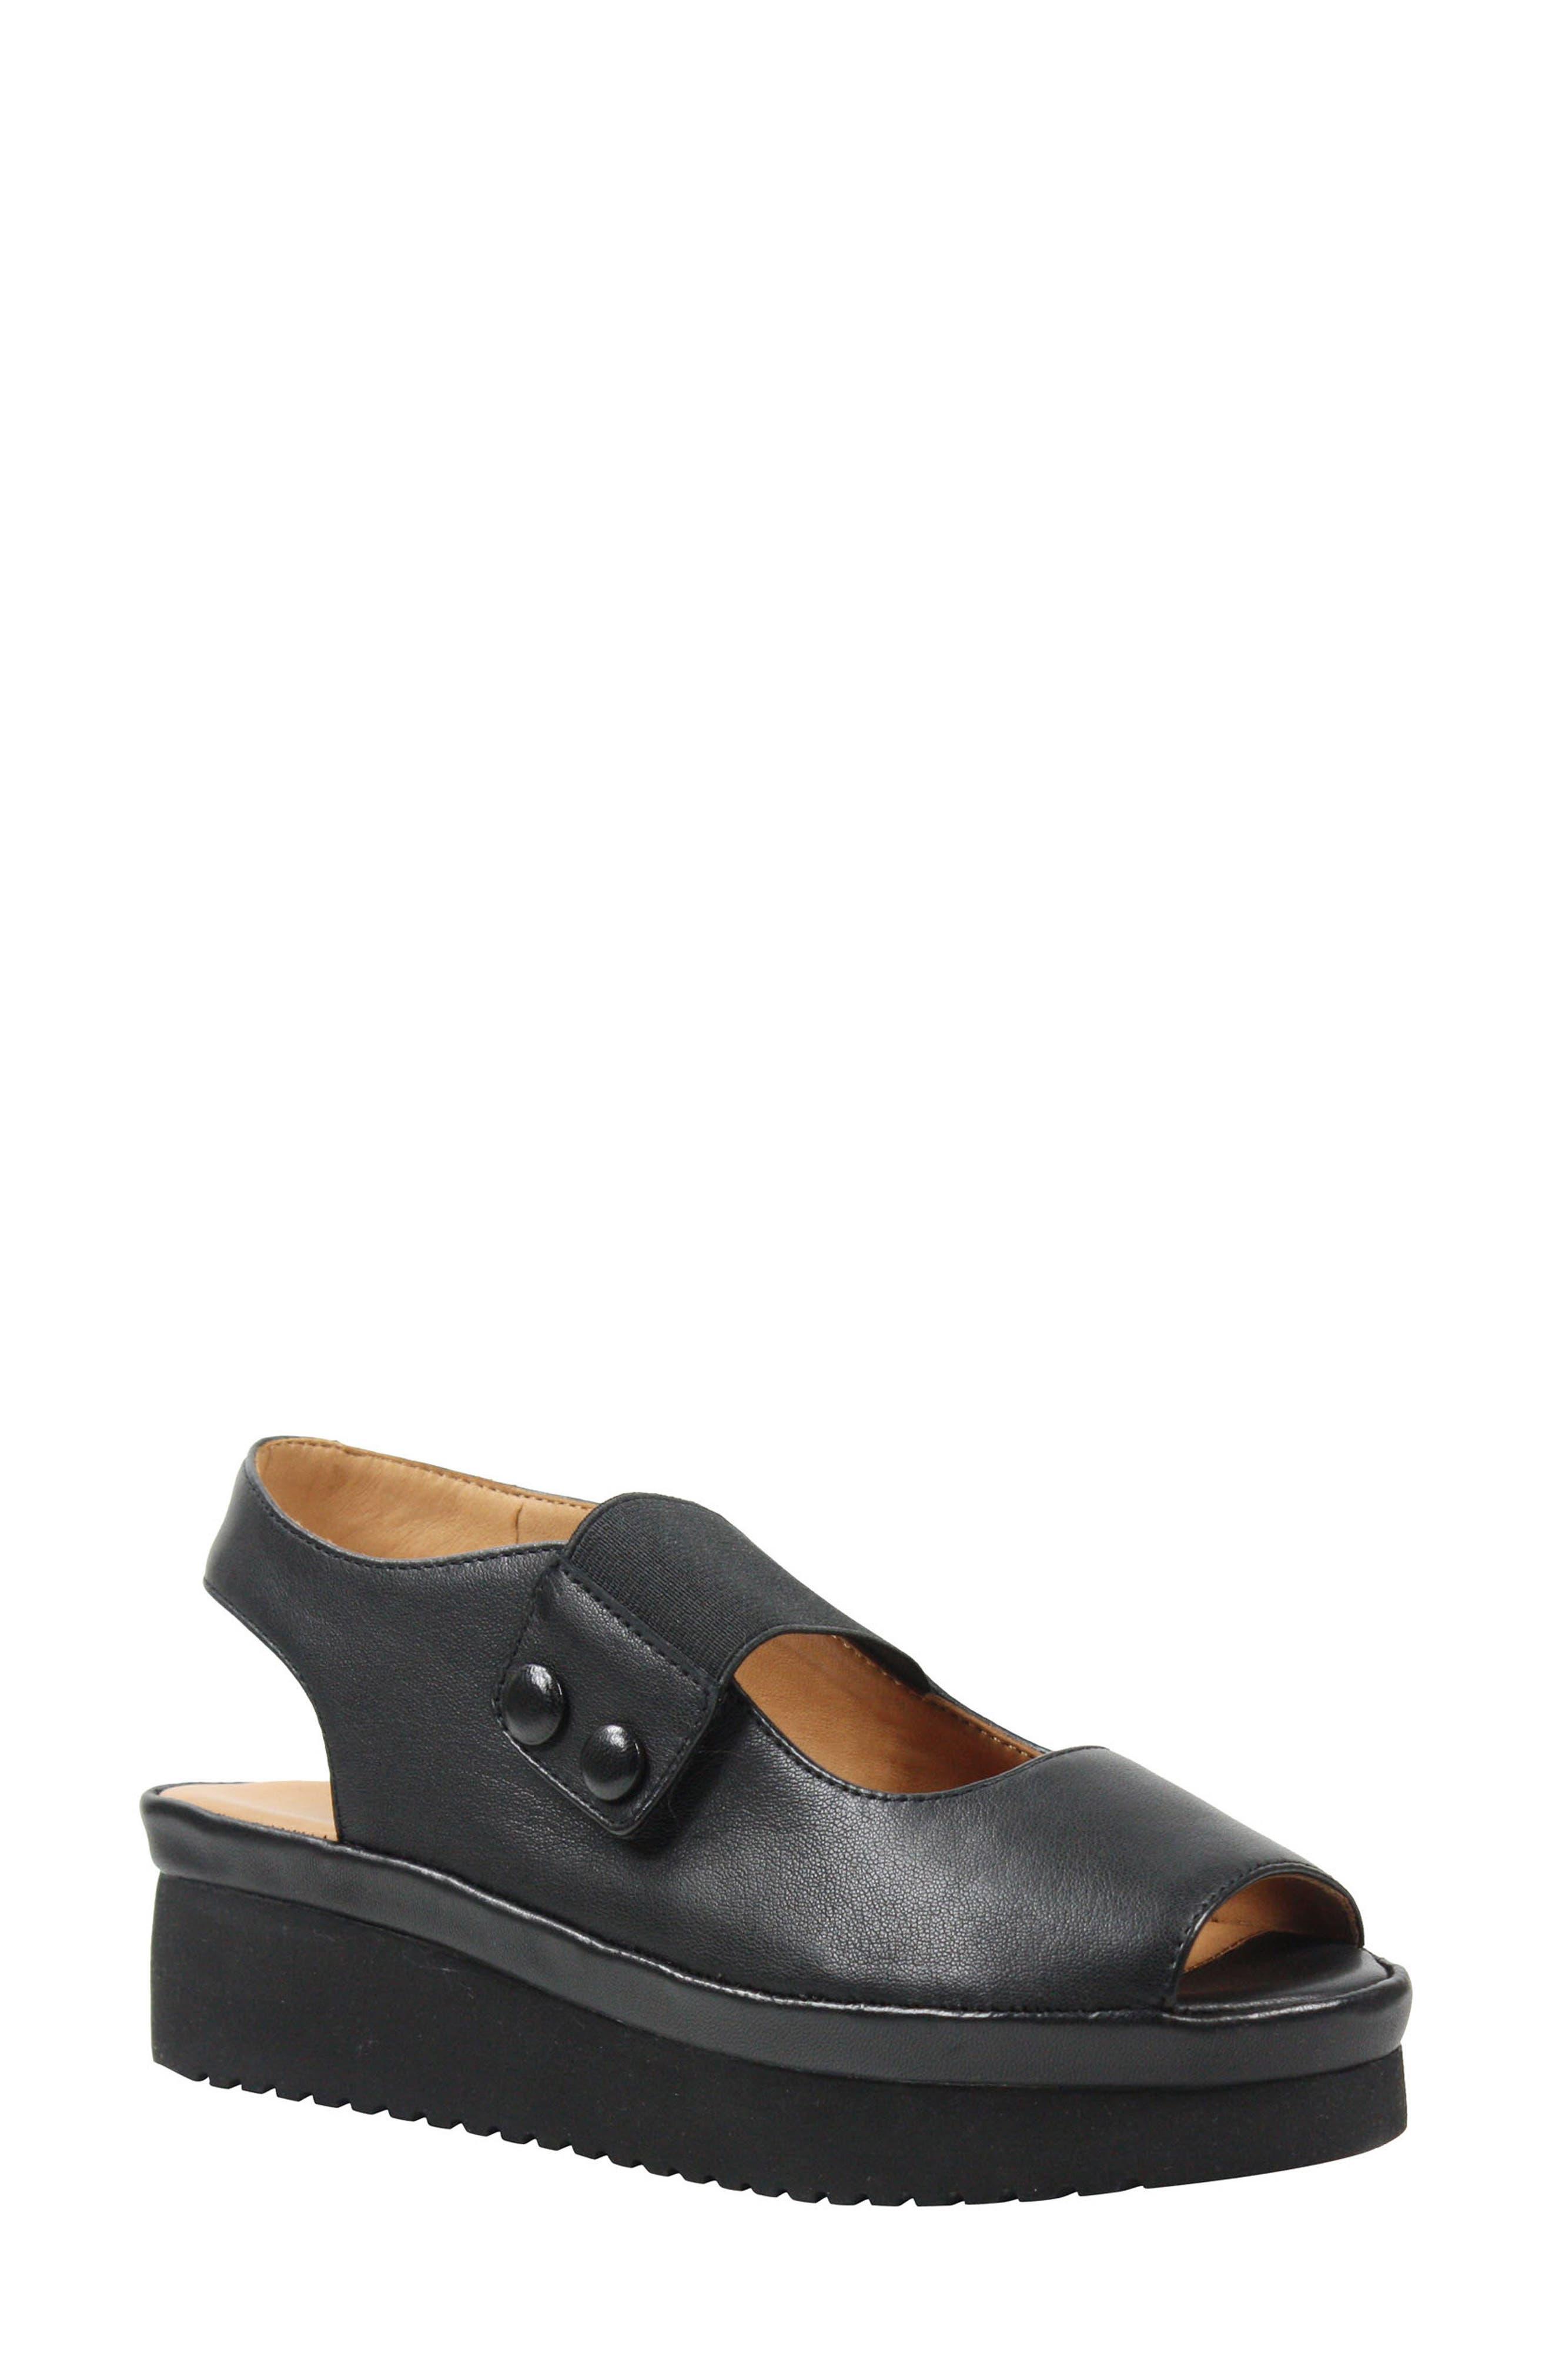 L'AMOUR DES PIEDS, Adalicia Platform Sandal, Main thumbnail 1, color, BLACK LEATHER